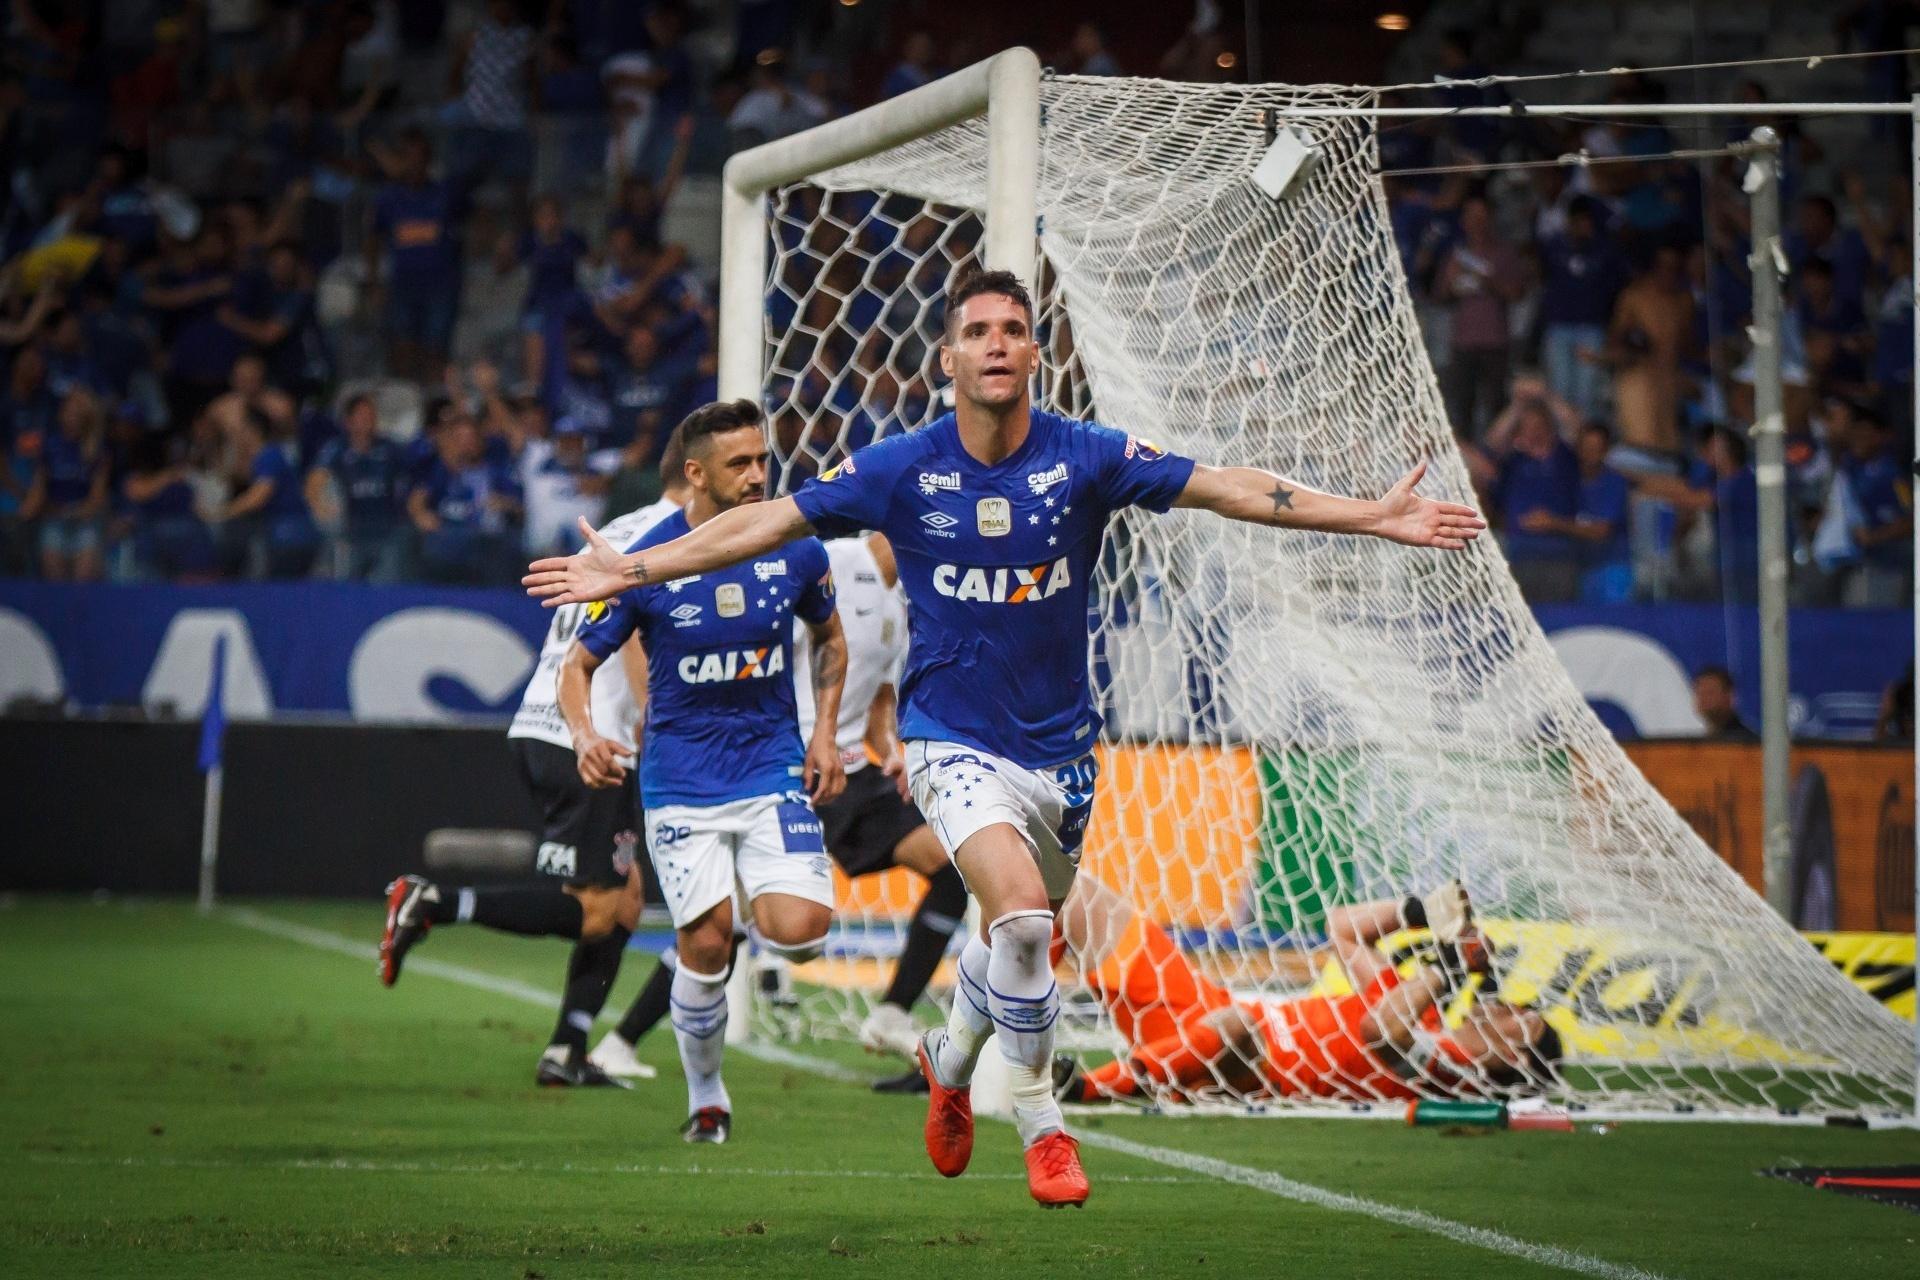 d122ccd049 Itair Machado diz que T.Neves fica no Cruzeiro e anuncia renovação até 2020  - Esporte - BOL